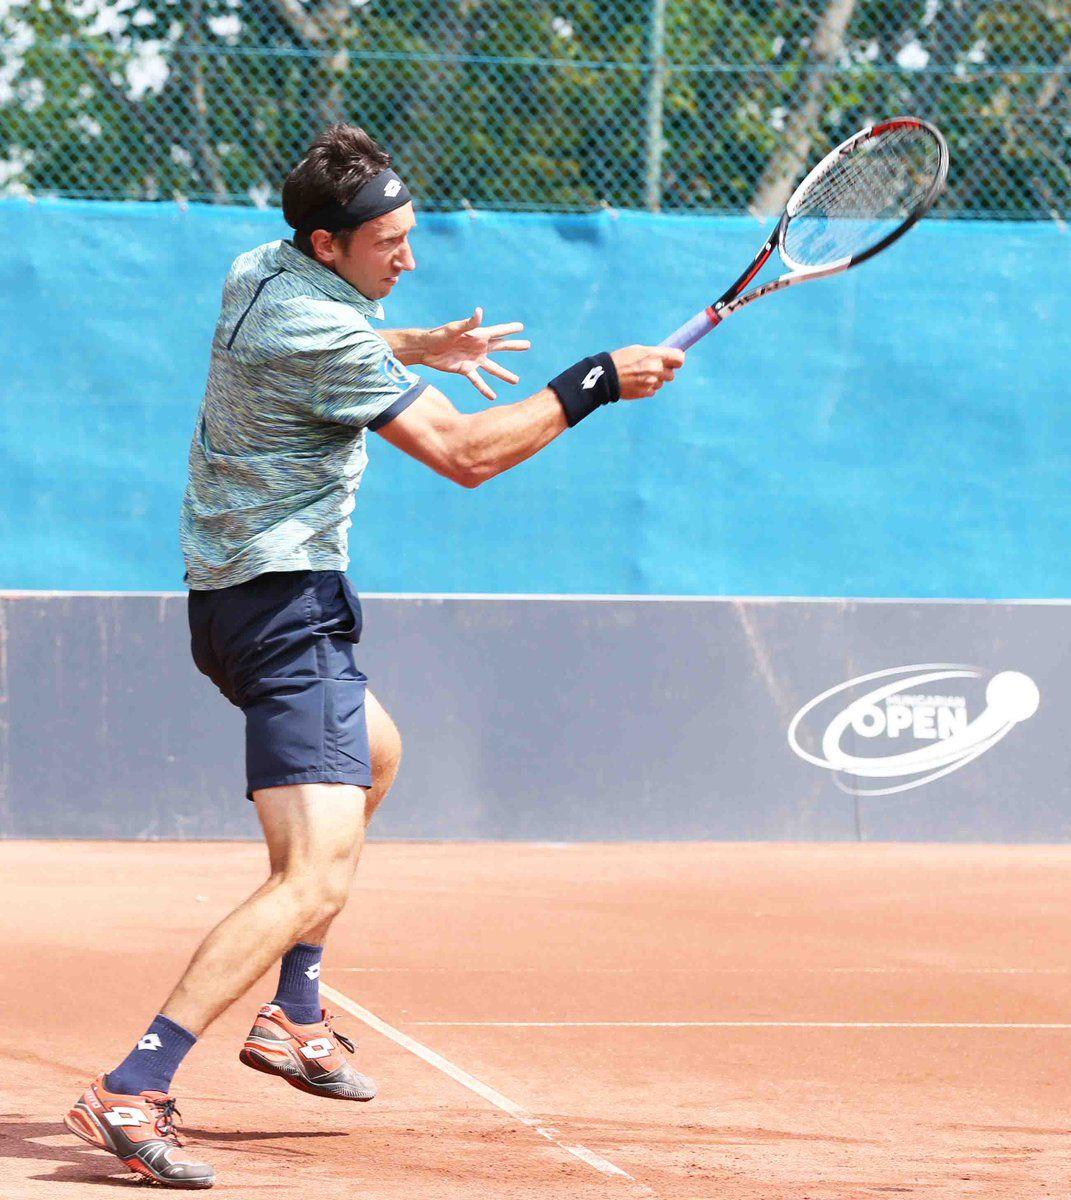 Стаховский проиграл во втором круге на турнире в Будапеште / twitter.com/HUNgarianTENNIS